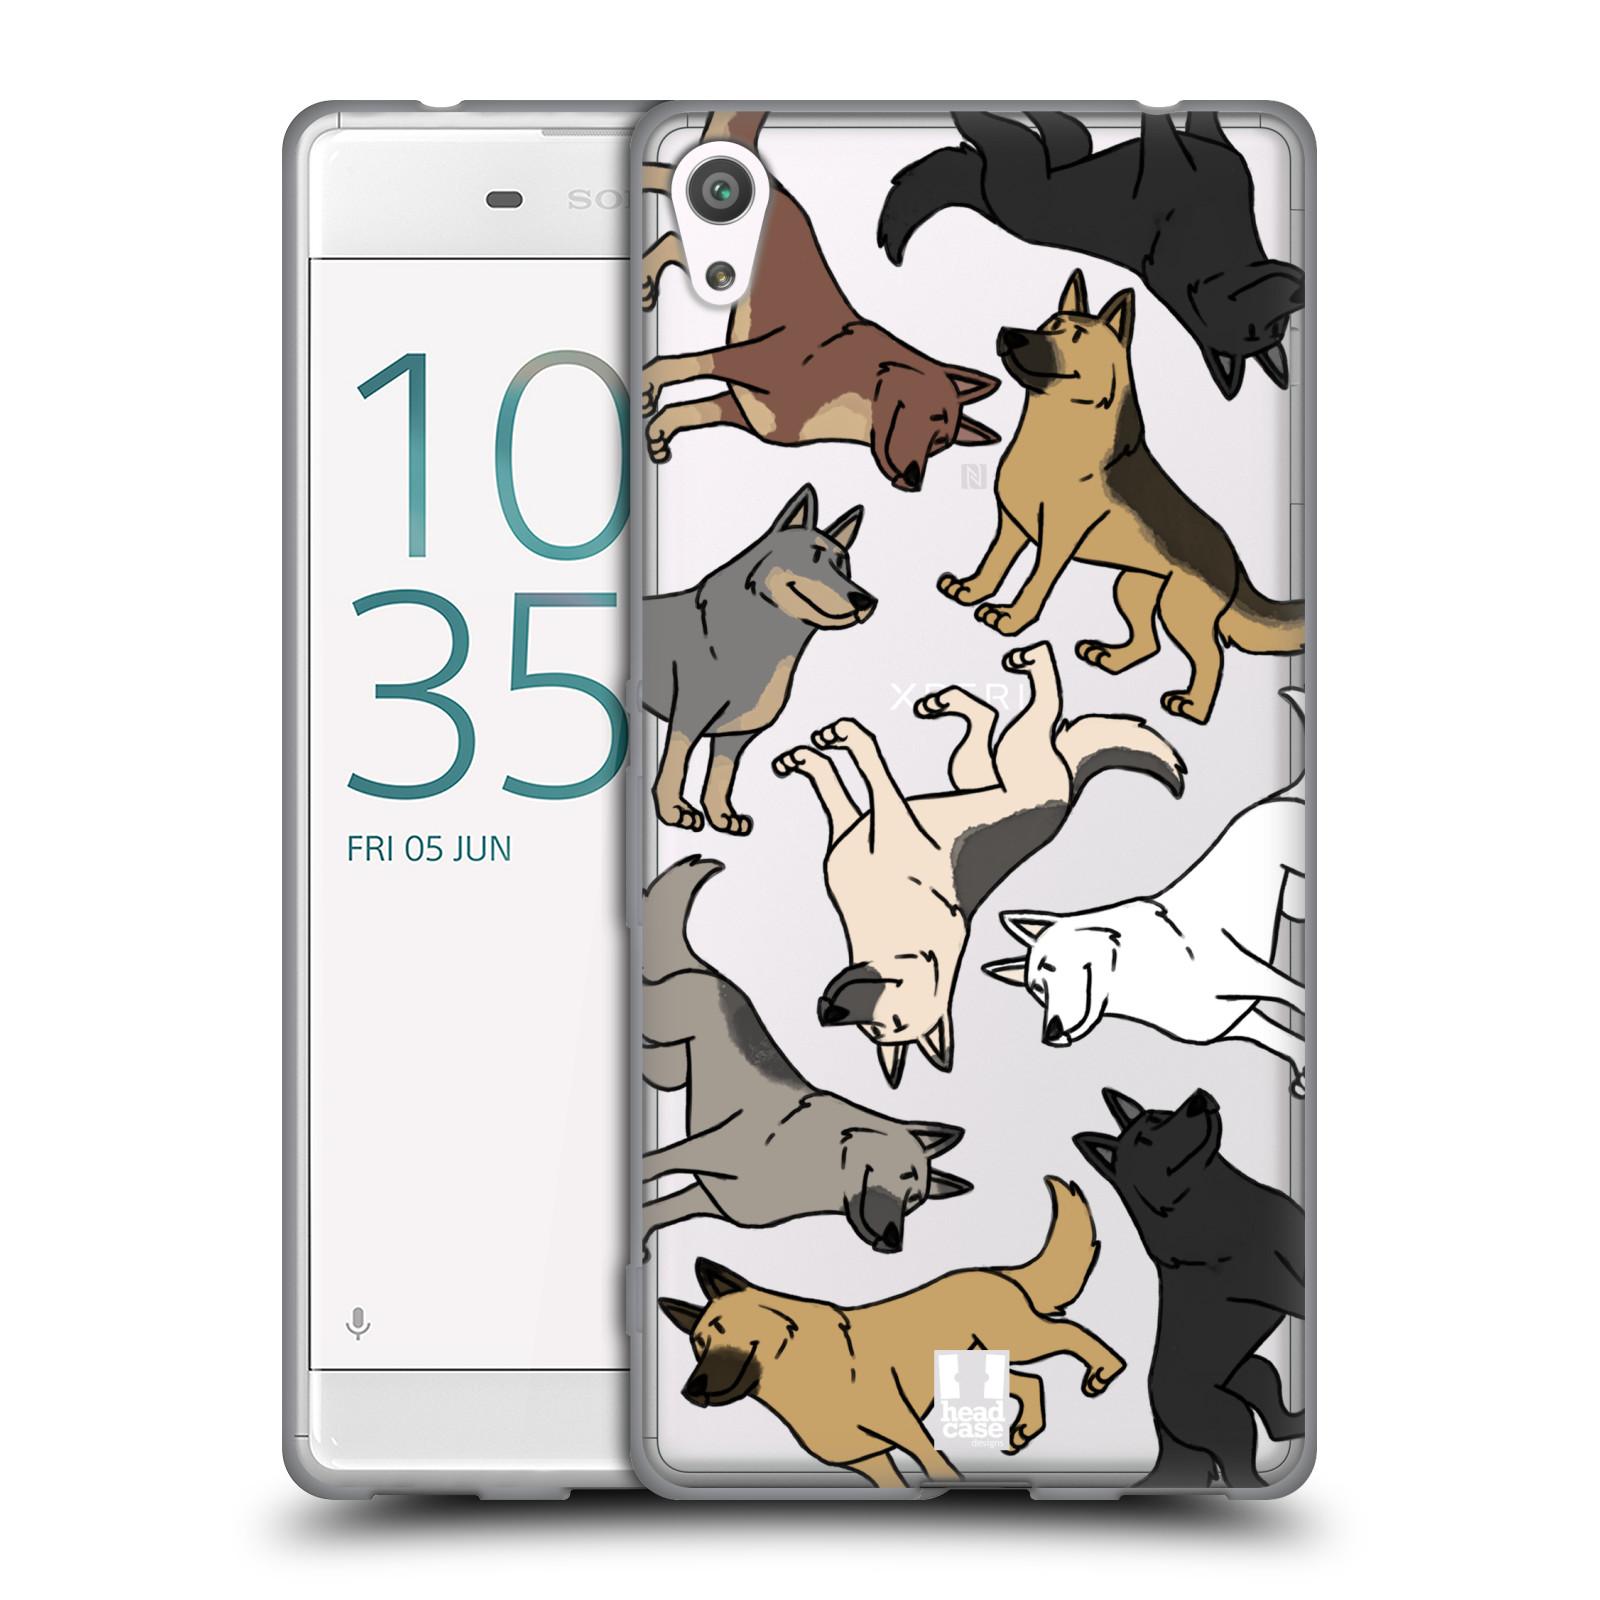 HEAD CASE silikonový obal na mobil Sony Xperia XA ULTRA pejsek Německý Ovčák